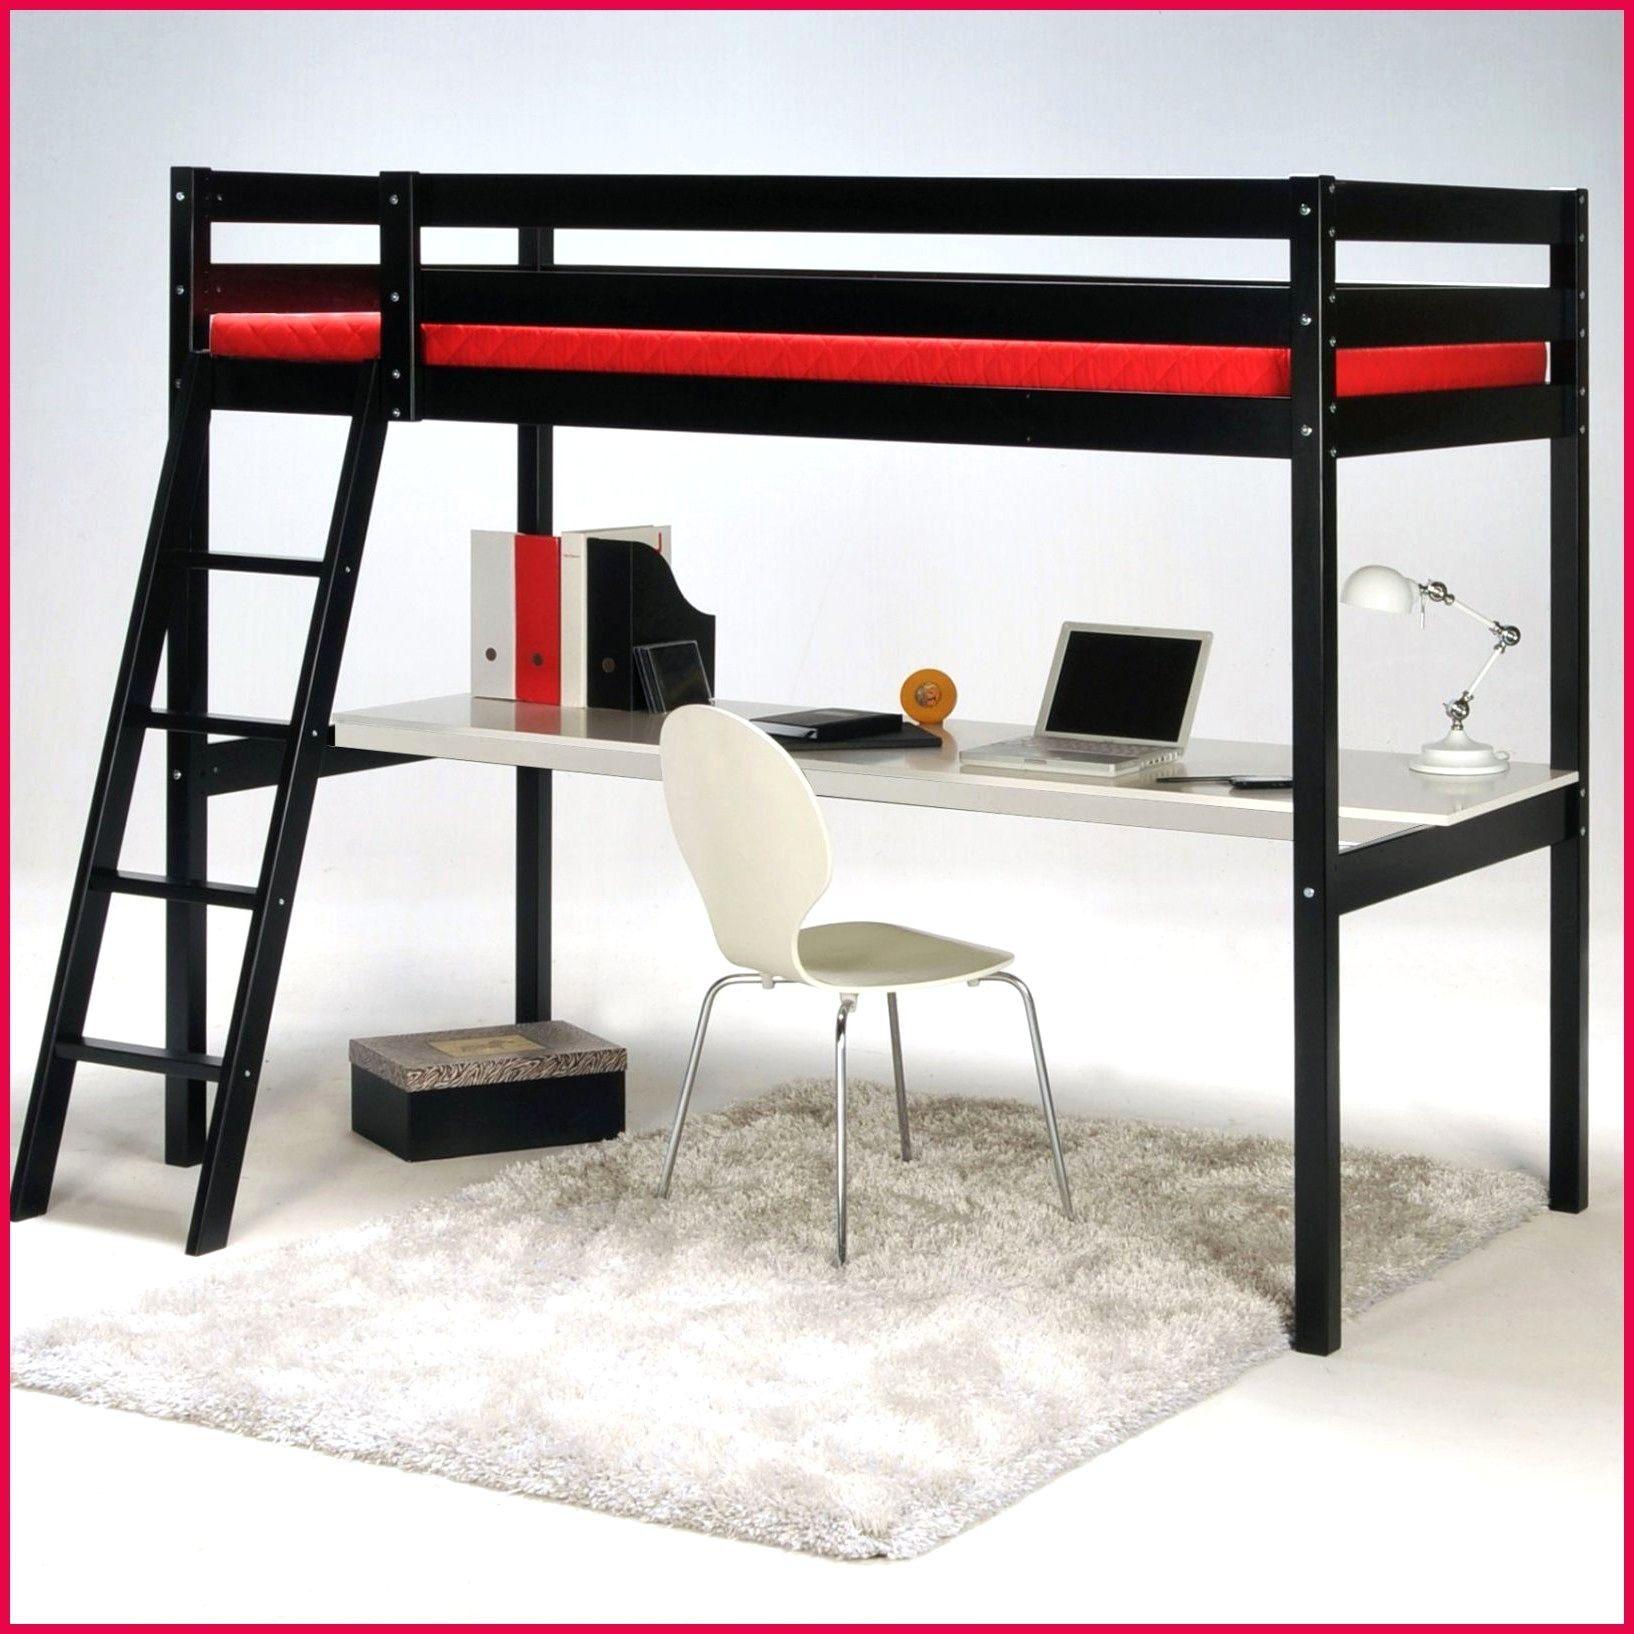 Lit 1 Place Mezzanine Agréable Lit Mezzanine Ikea Svarta Lit Mezzanine 160—200 Ikea Lit Lit